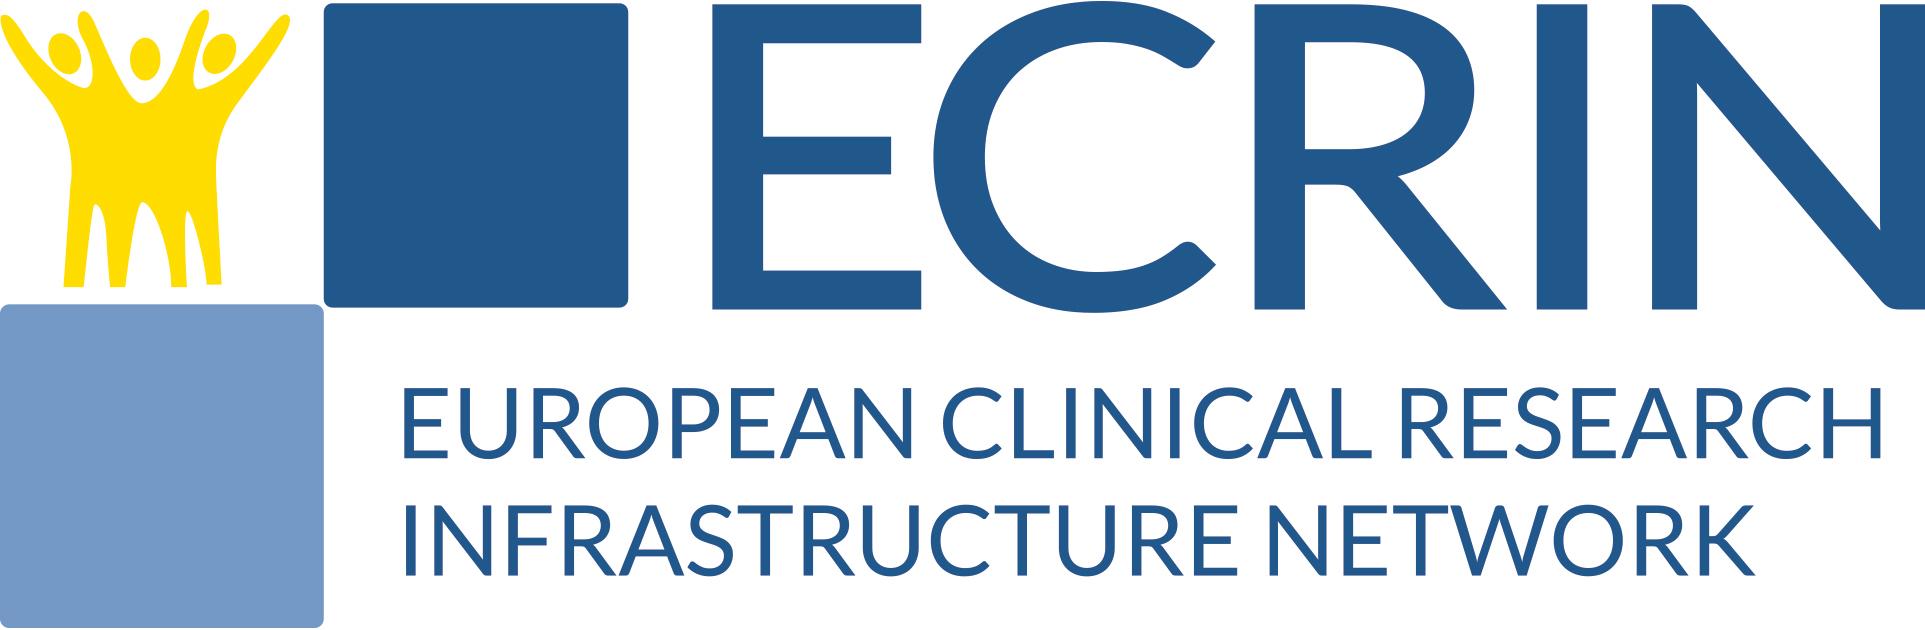 Una rete per trial clinici multinazionali di alta qualità al servizio della ricerca medica di alto livello